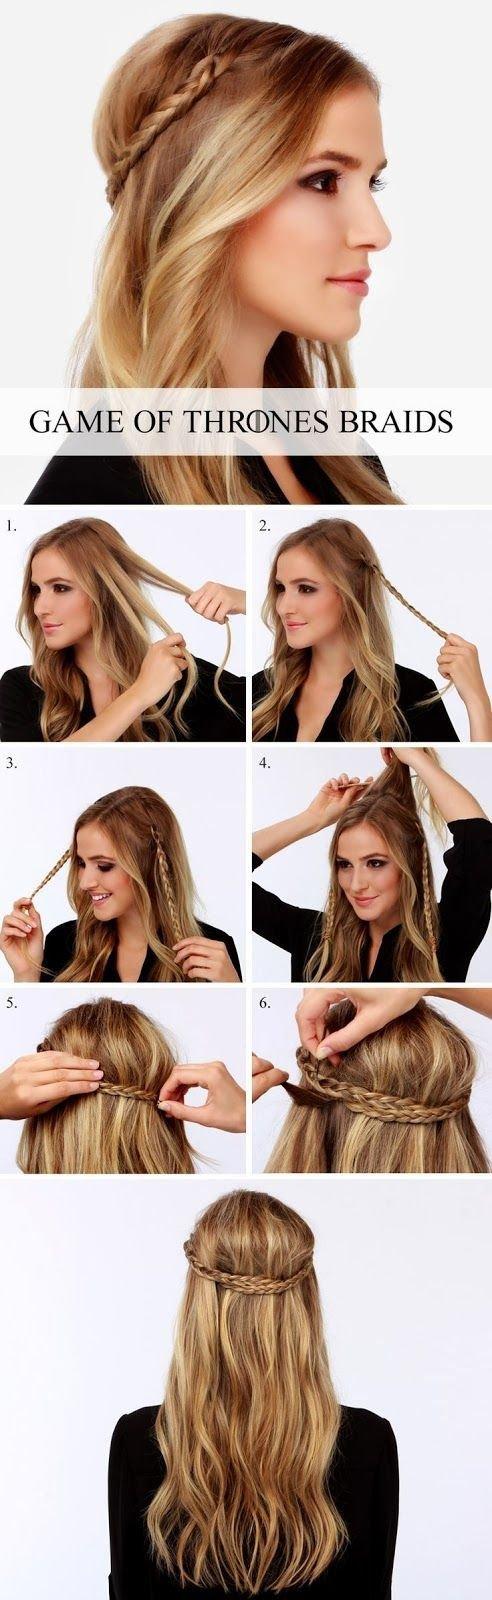 hair, hairstyle, long hair, forehead, brown hair,